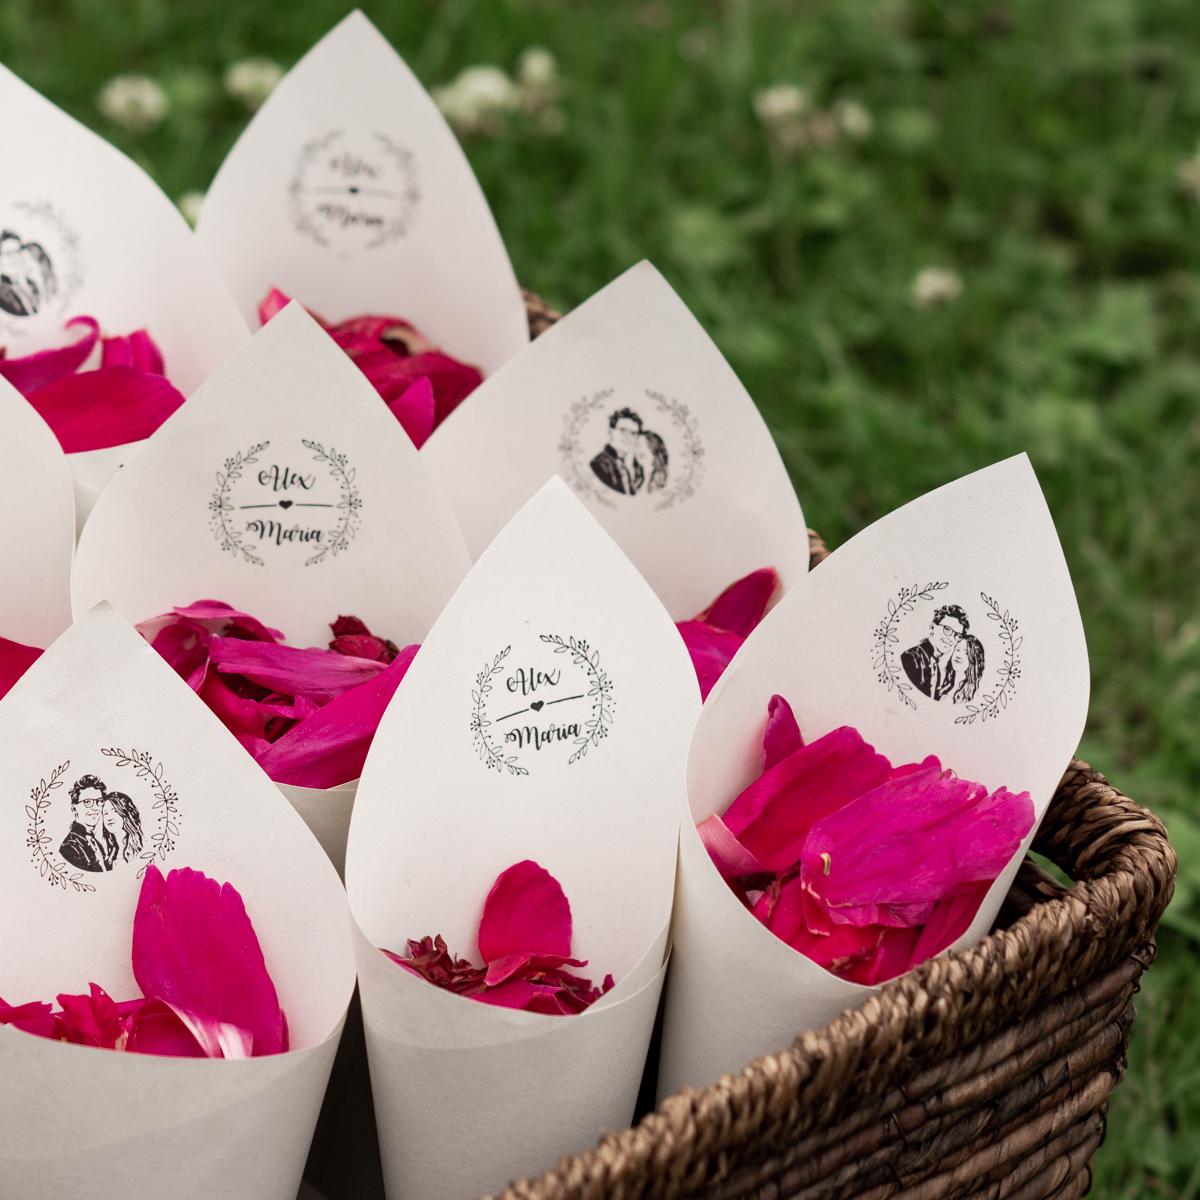 T-te-f-r-Streublumen-DIY-Hochzeitlsogo-Stempel-personalisiertidWGnhfDM4FxK